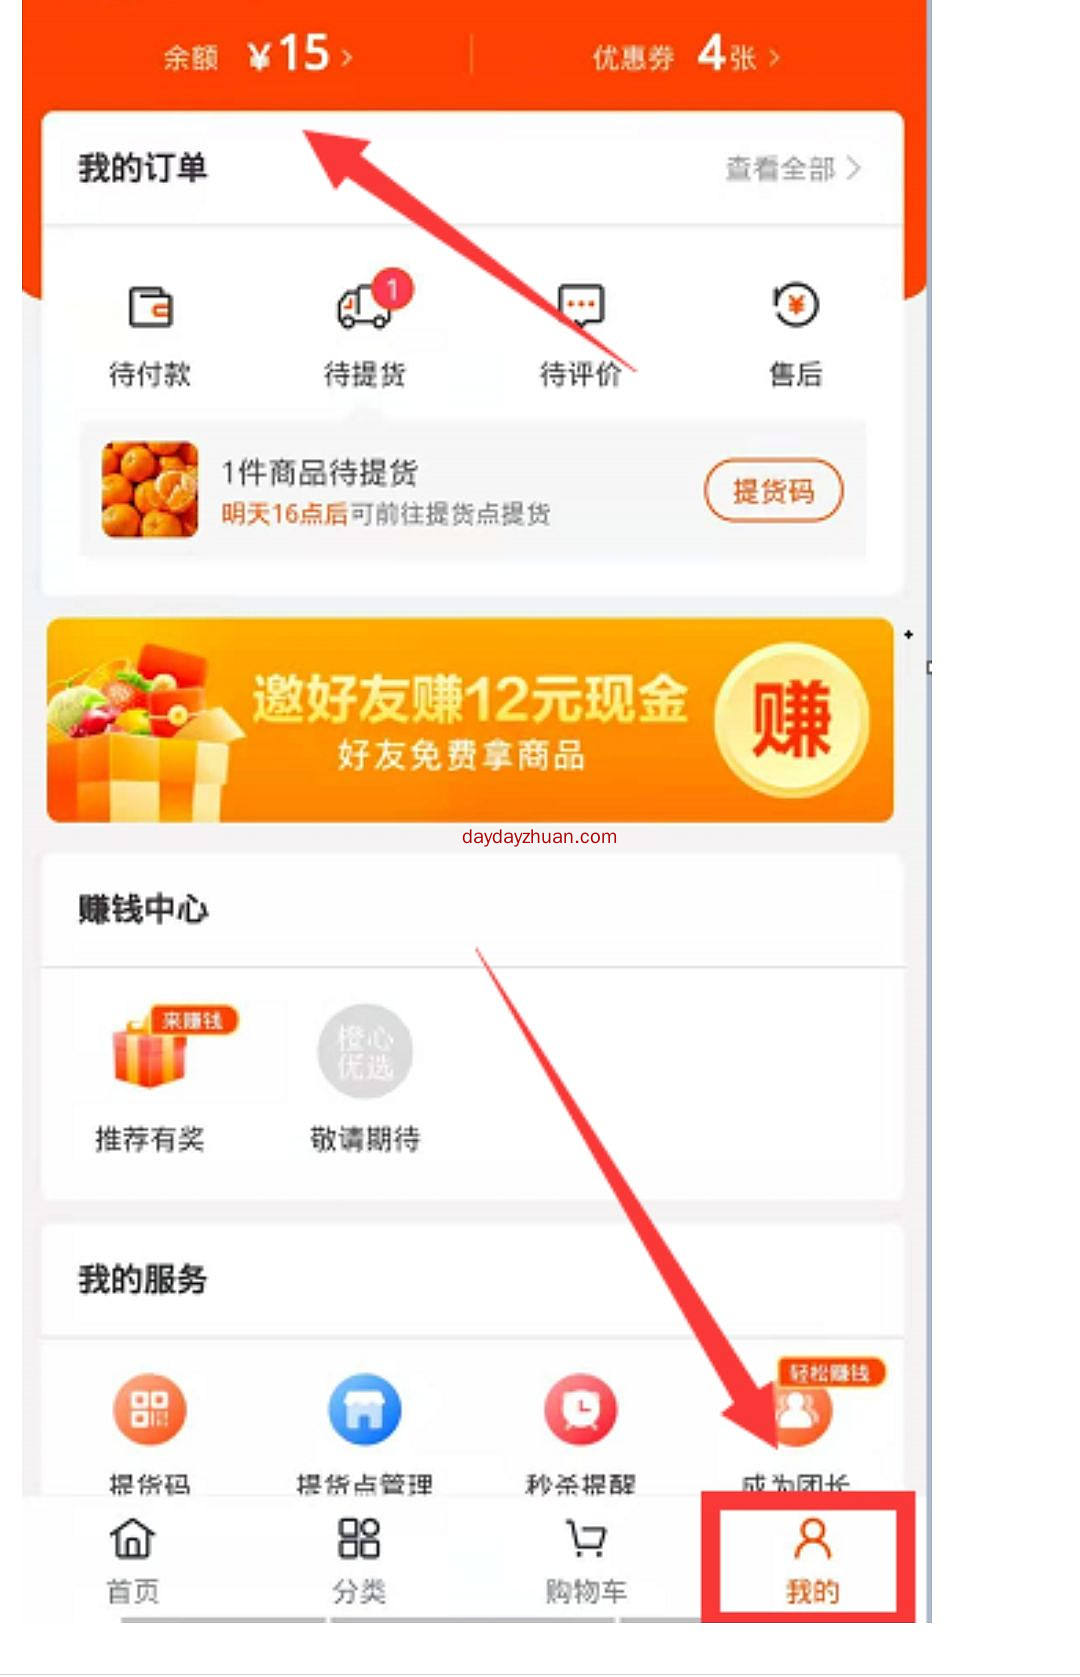 橙心优选:每邀请一个人免费拿商品,奖励3元  第3张